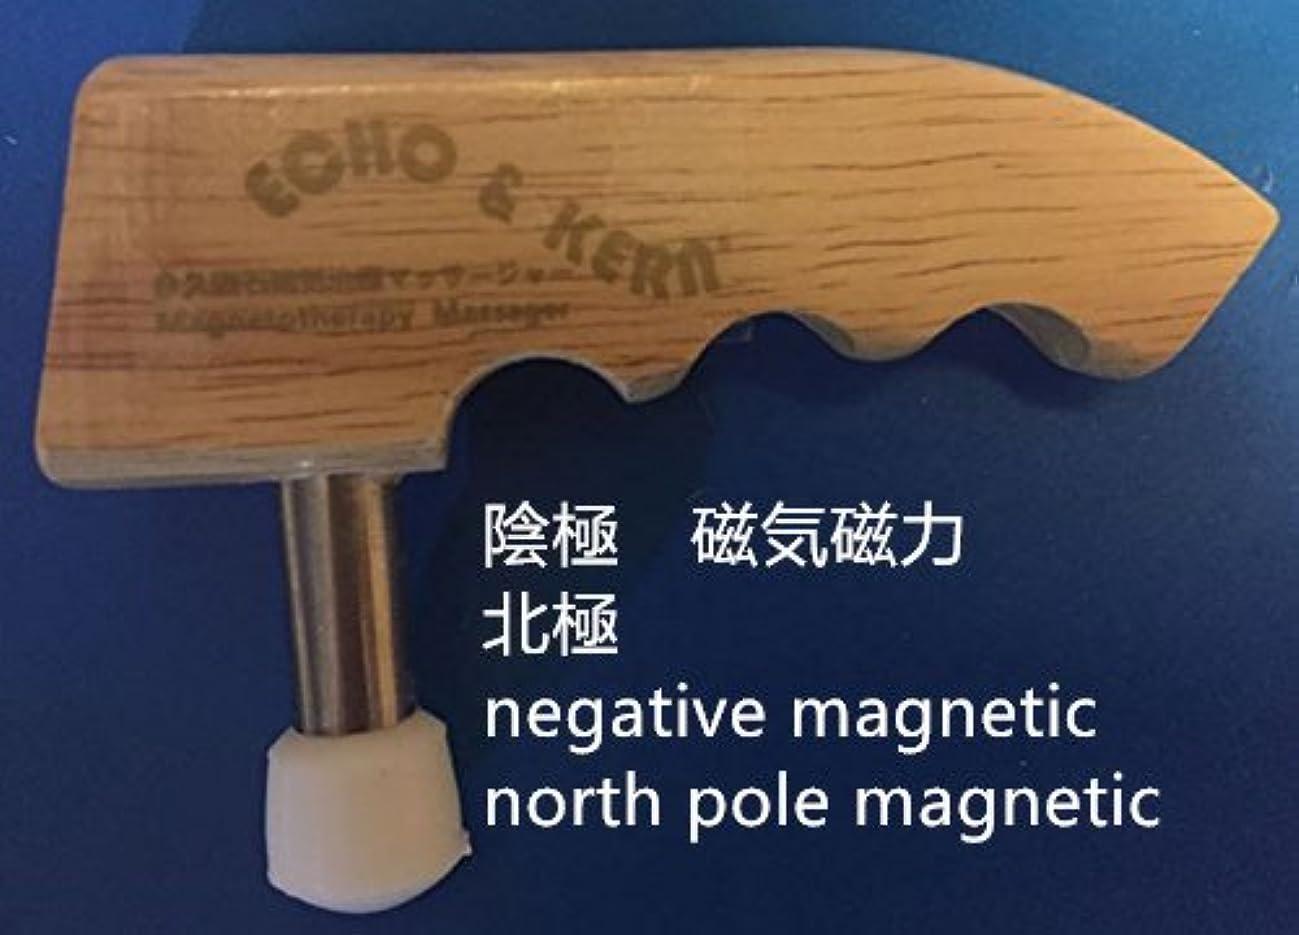 さわやかジョリー上へMagnetic T shape acupuncture tool, north pole、negative (magnetotherapy)Echo & Kern 木のハンドル排酸棒,陰極磁気棒,陰極磁力排酸棒北極磁気...